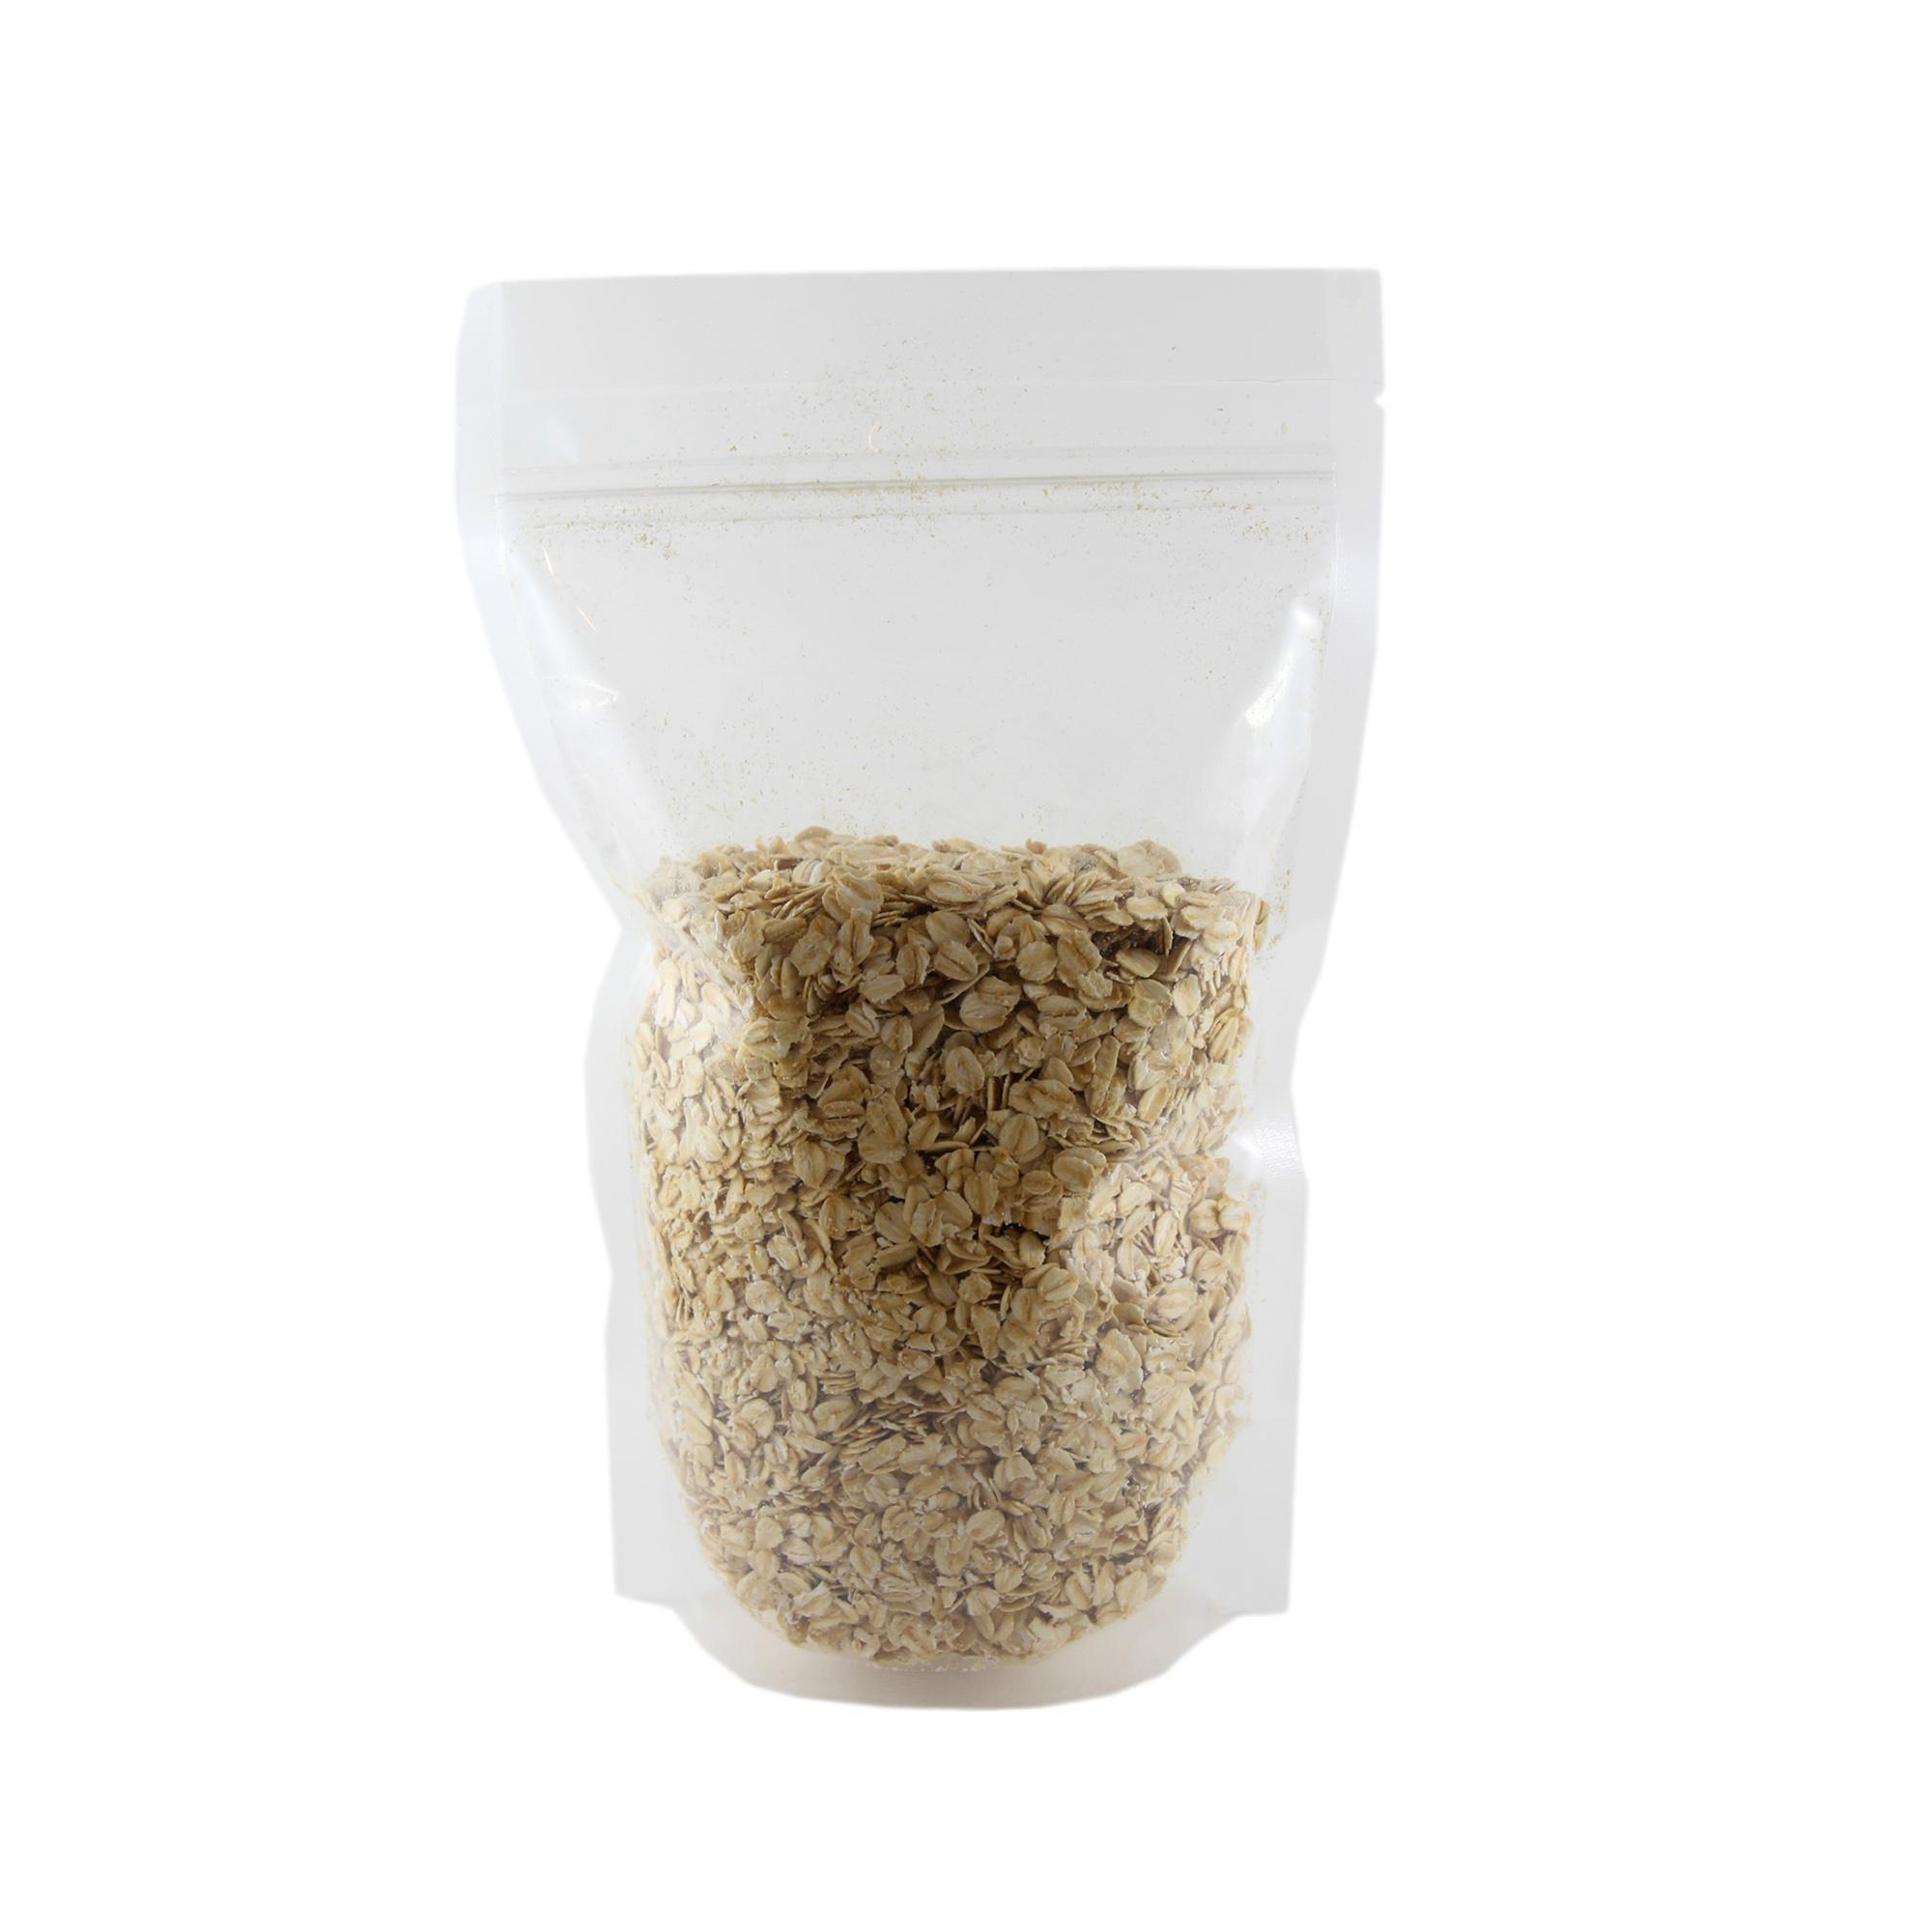 ข้าวโอ๊ด (Oatmeal) แบ่งขาย 500 g